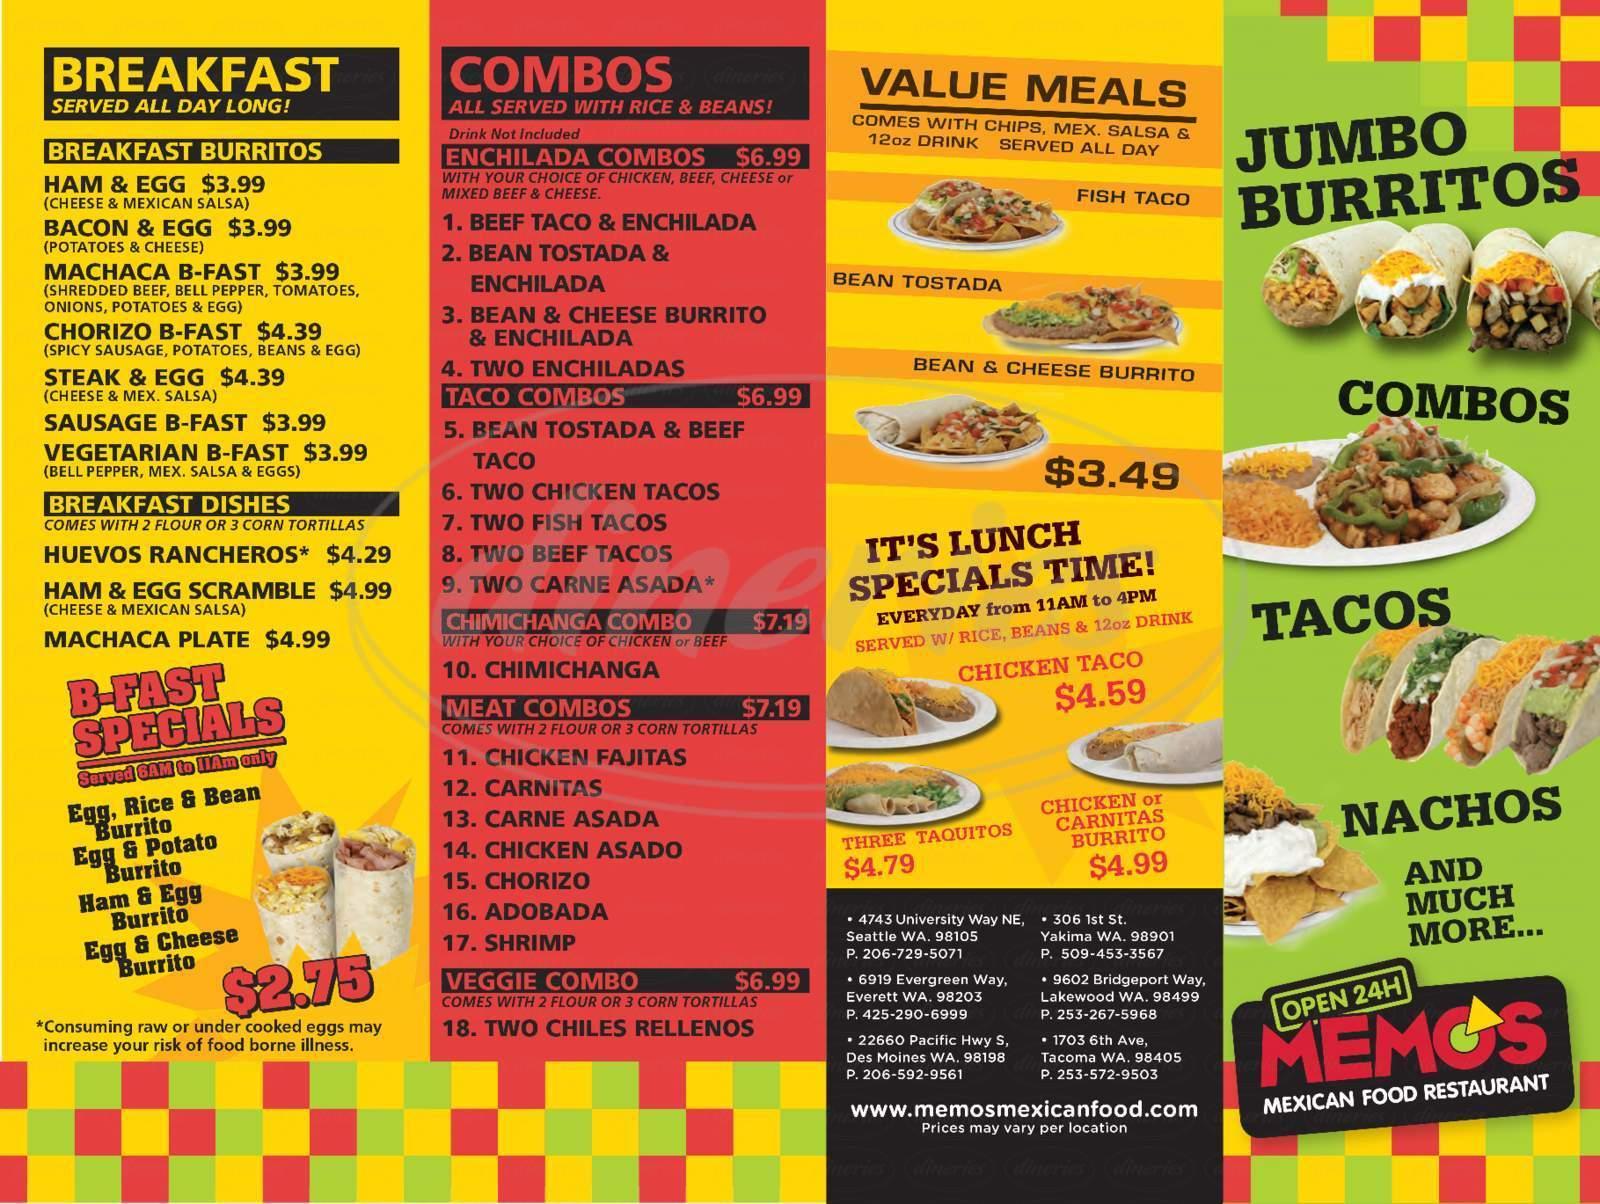 A Mexican Food Menu